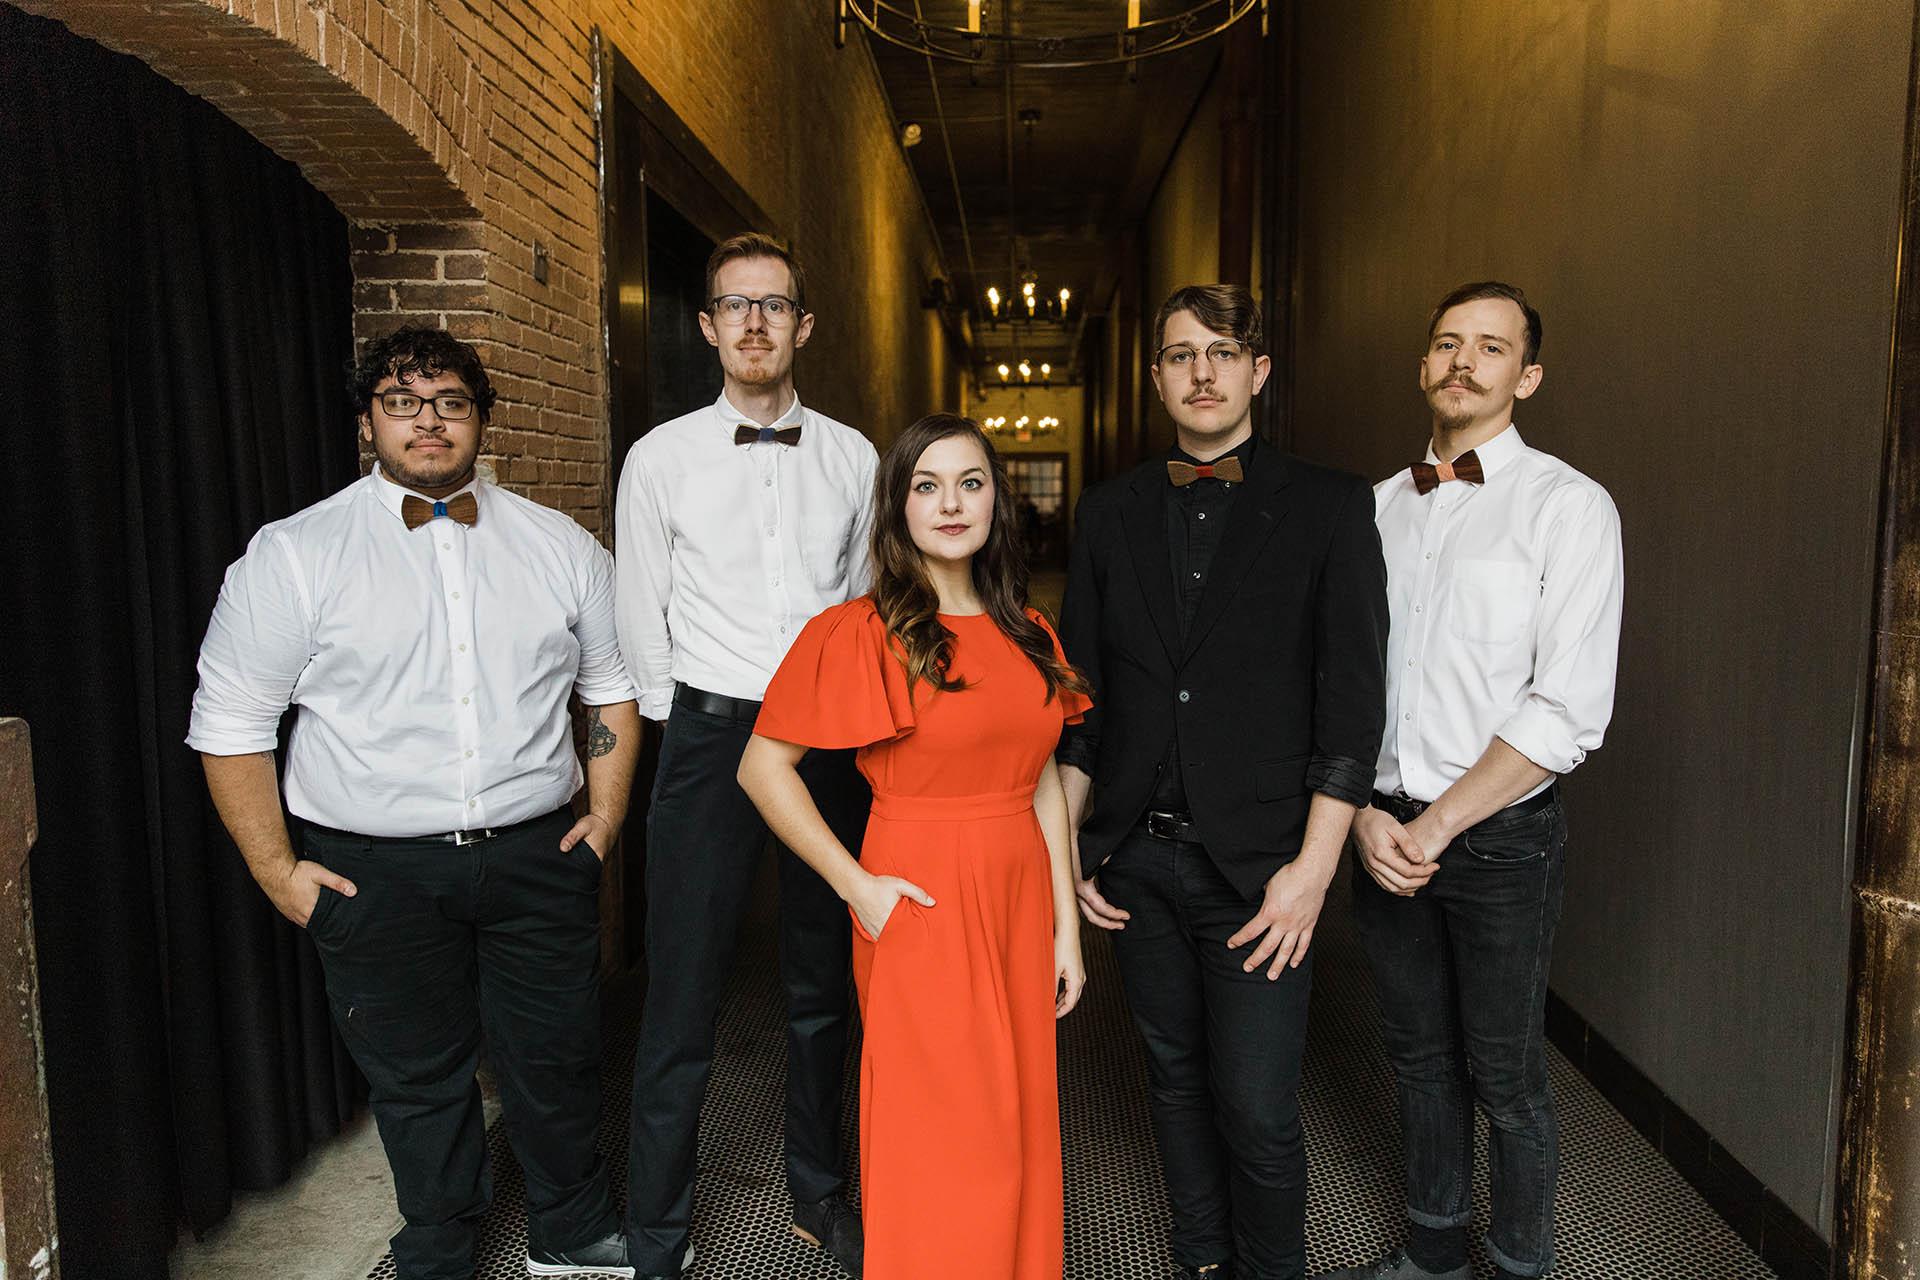 Dallas band photos